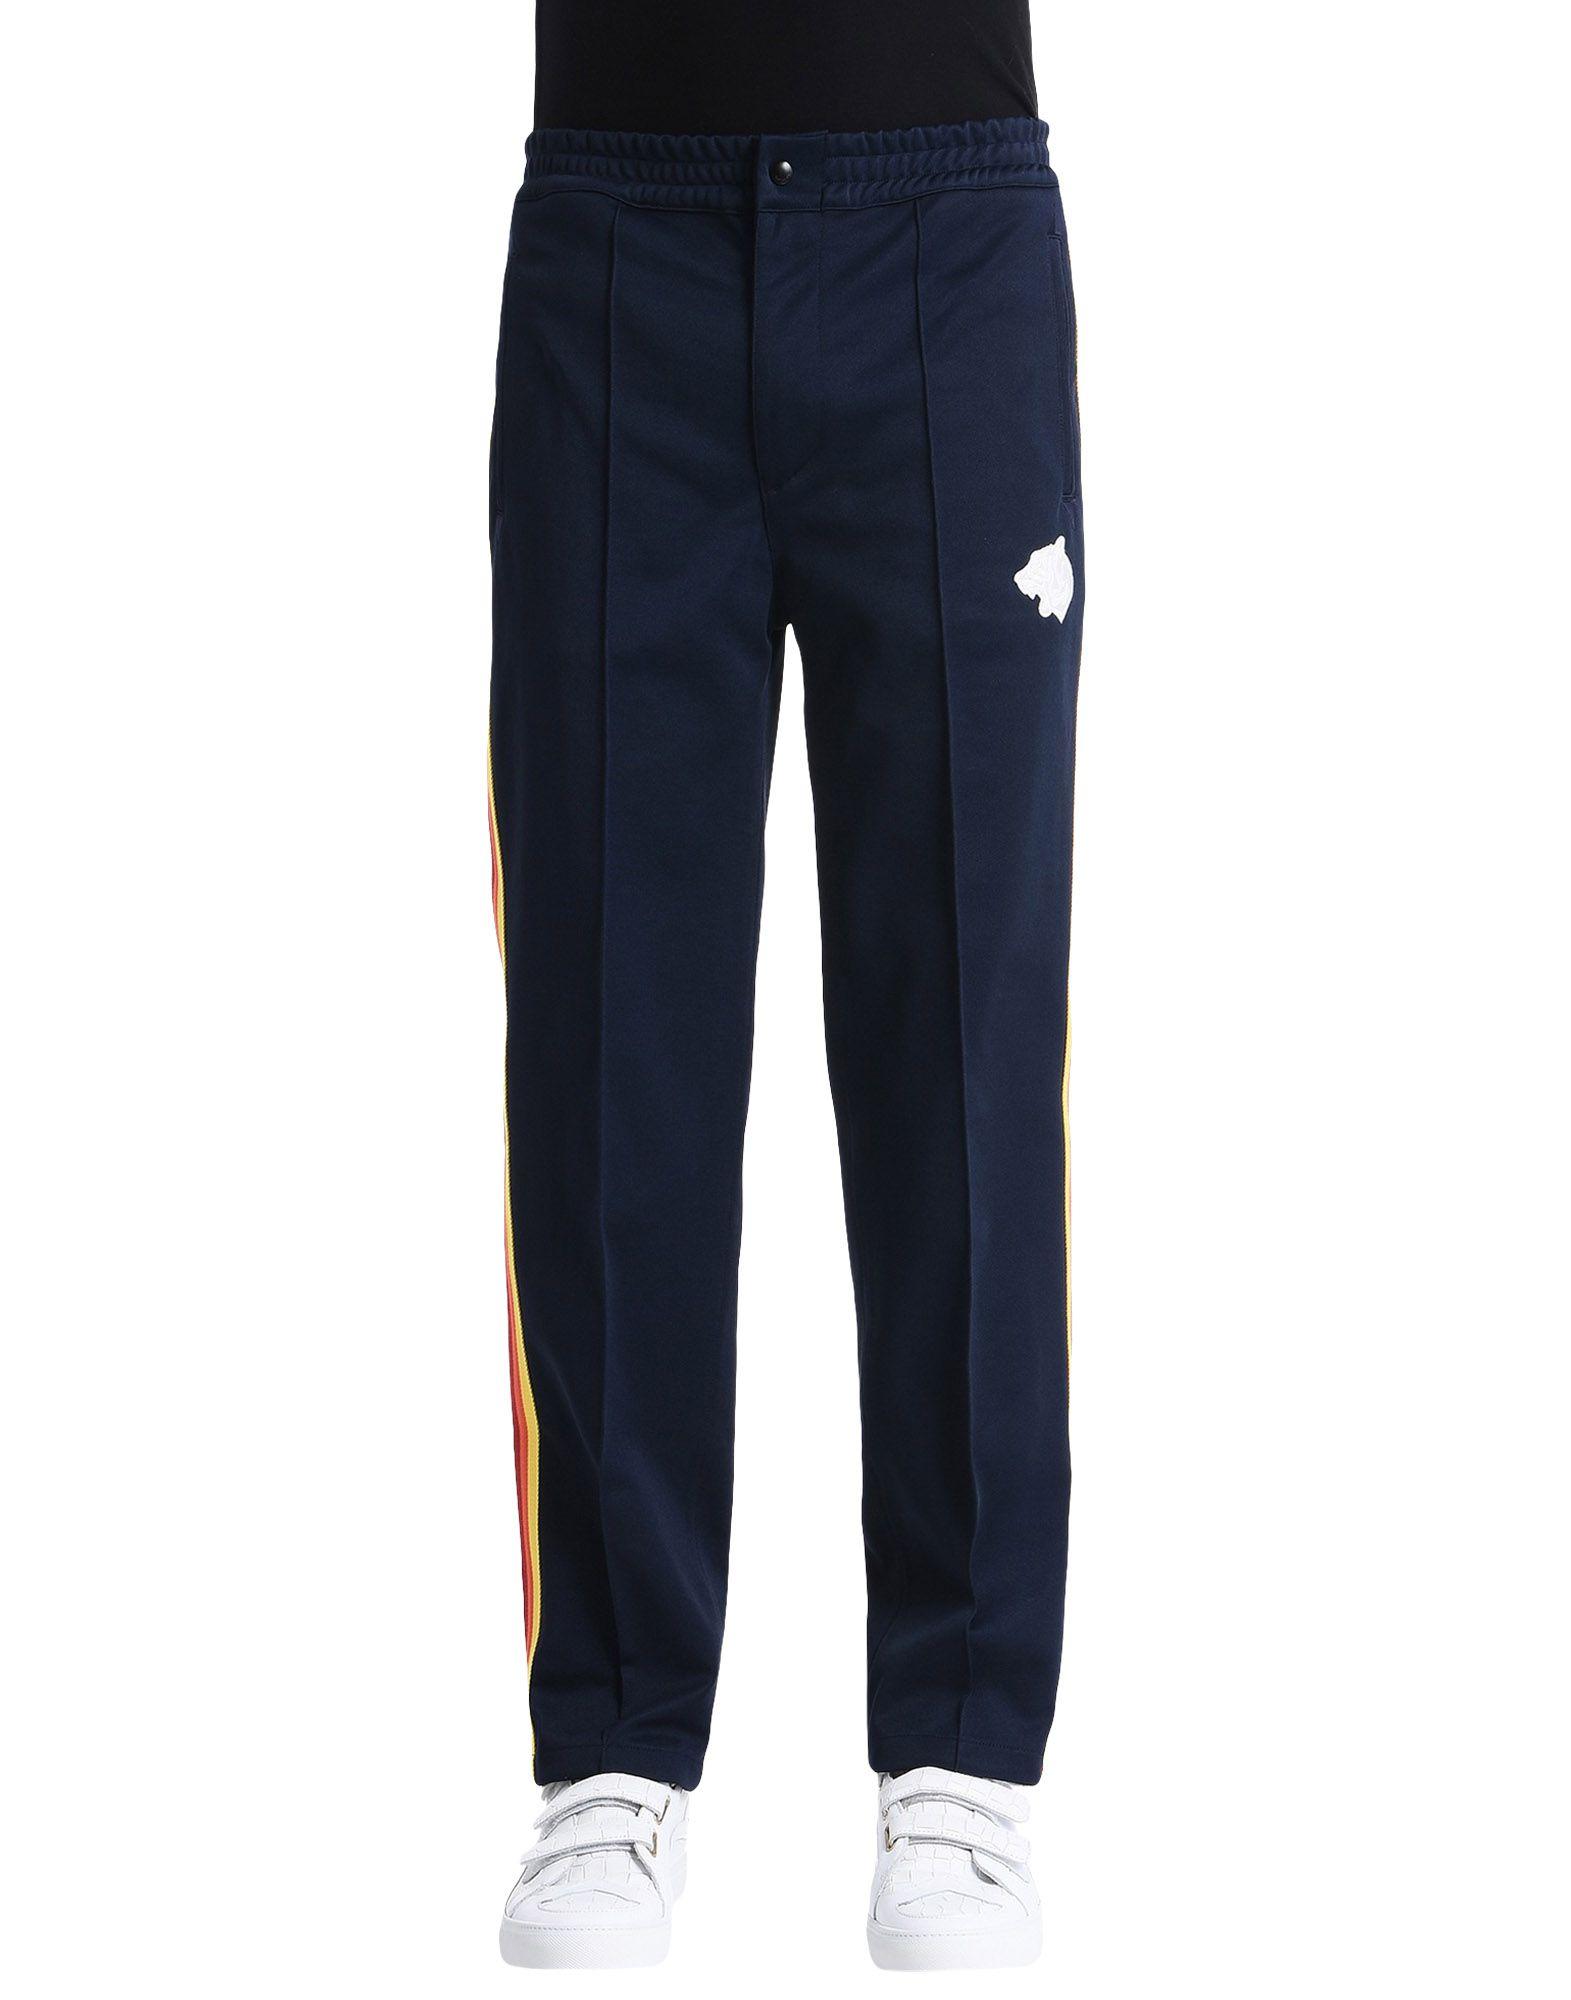 Pantalone Just Cavalli Uomo - Acquista online su